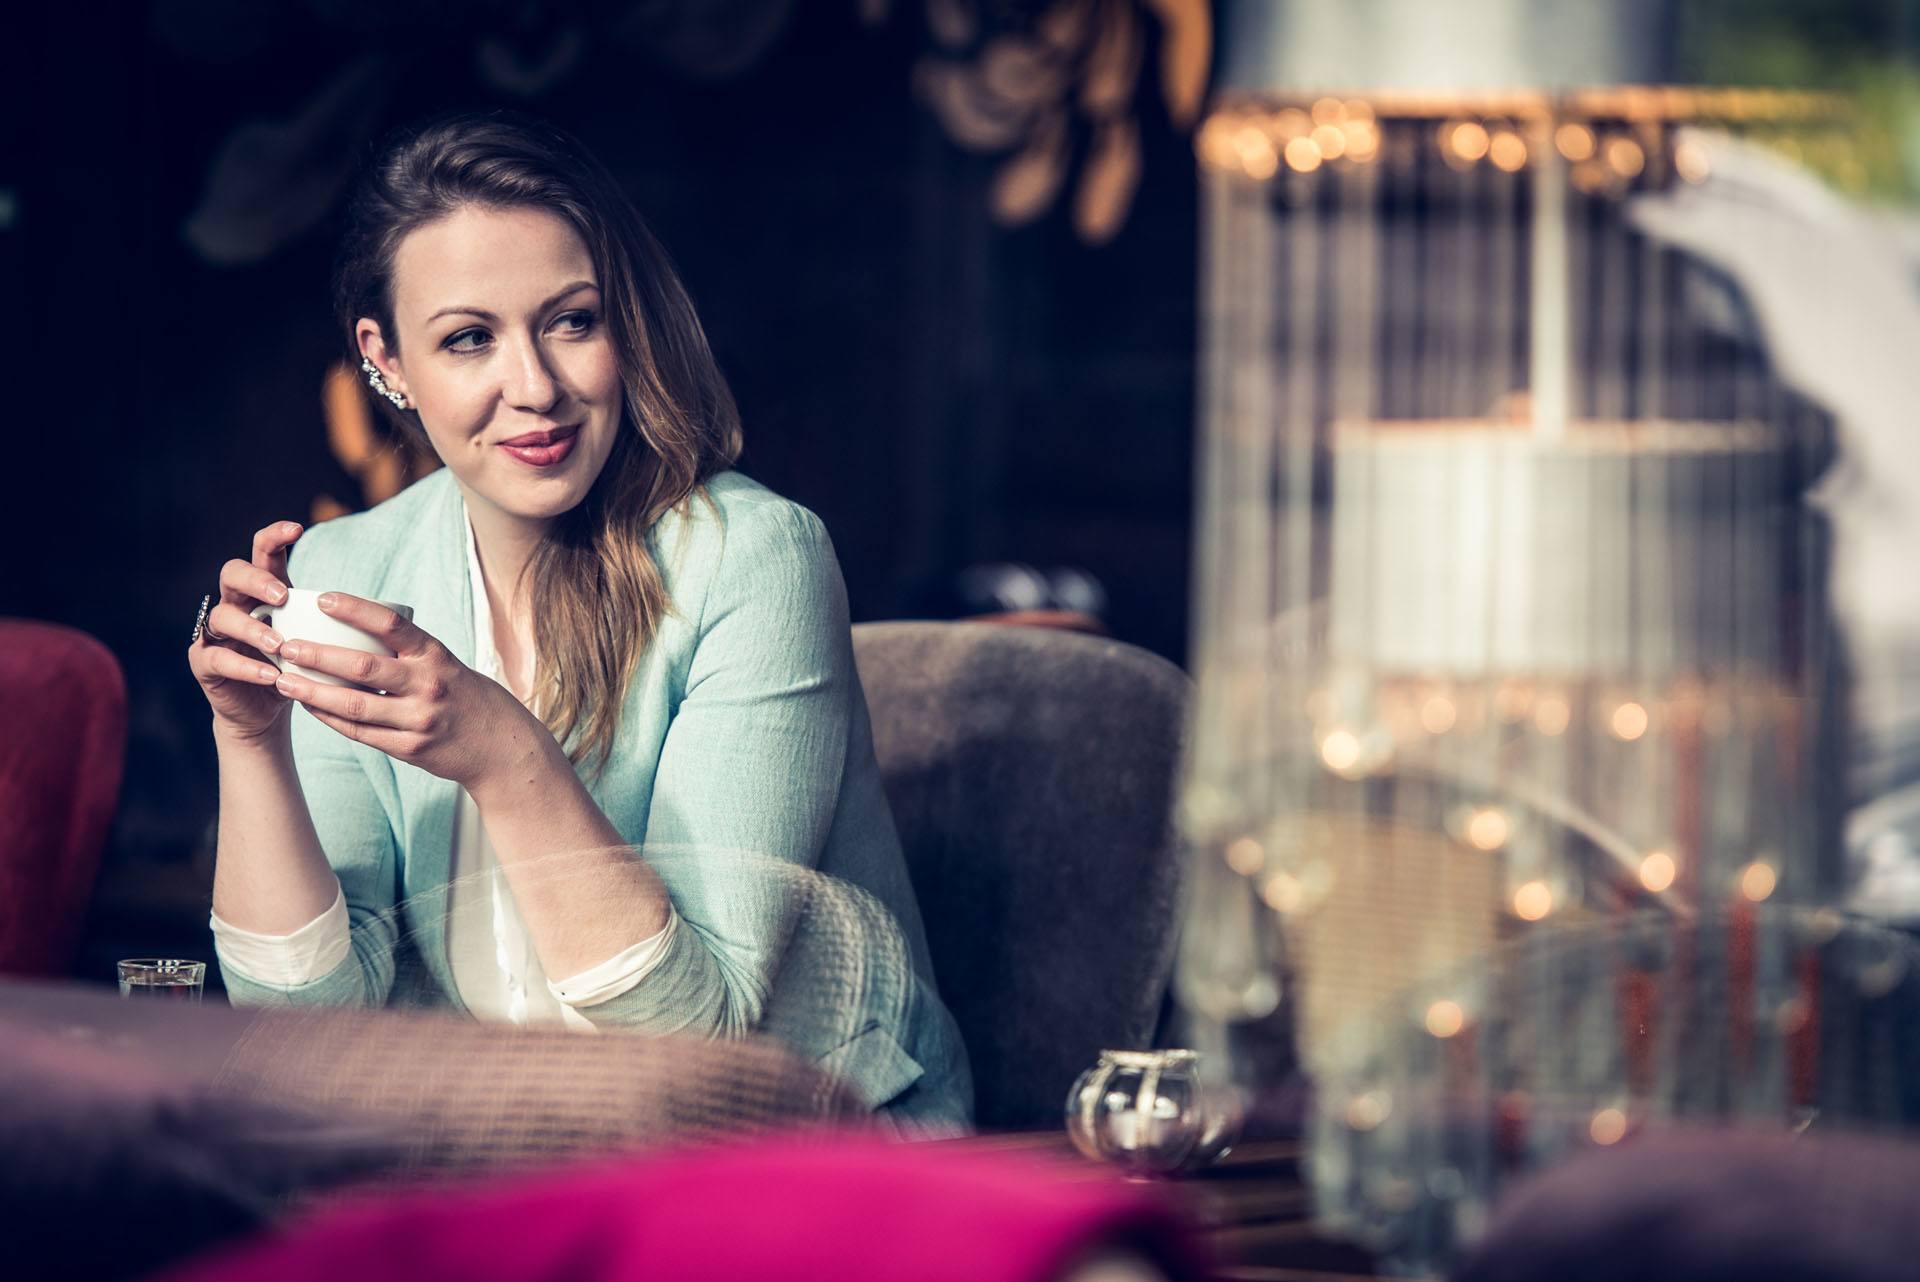 junge hübsche Frau sitzt mit Kaffeetasse hinter der Scheibe in einem Cafe und lächelt